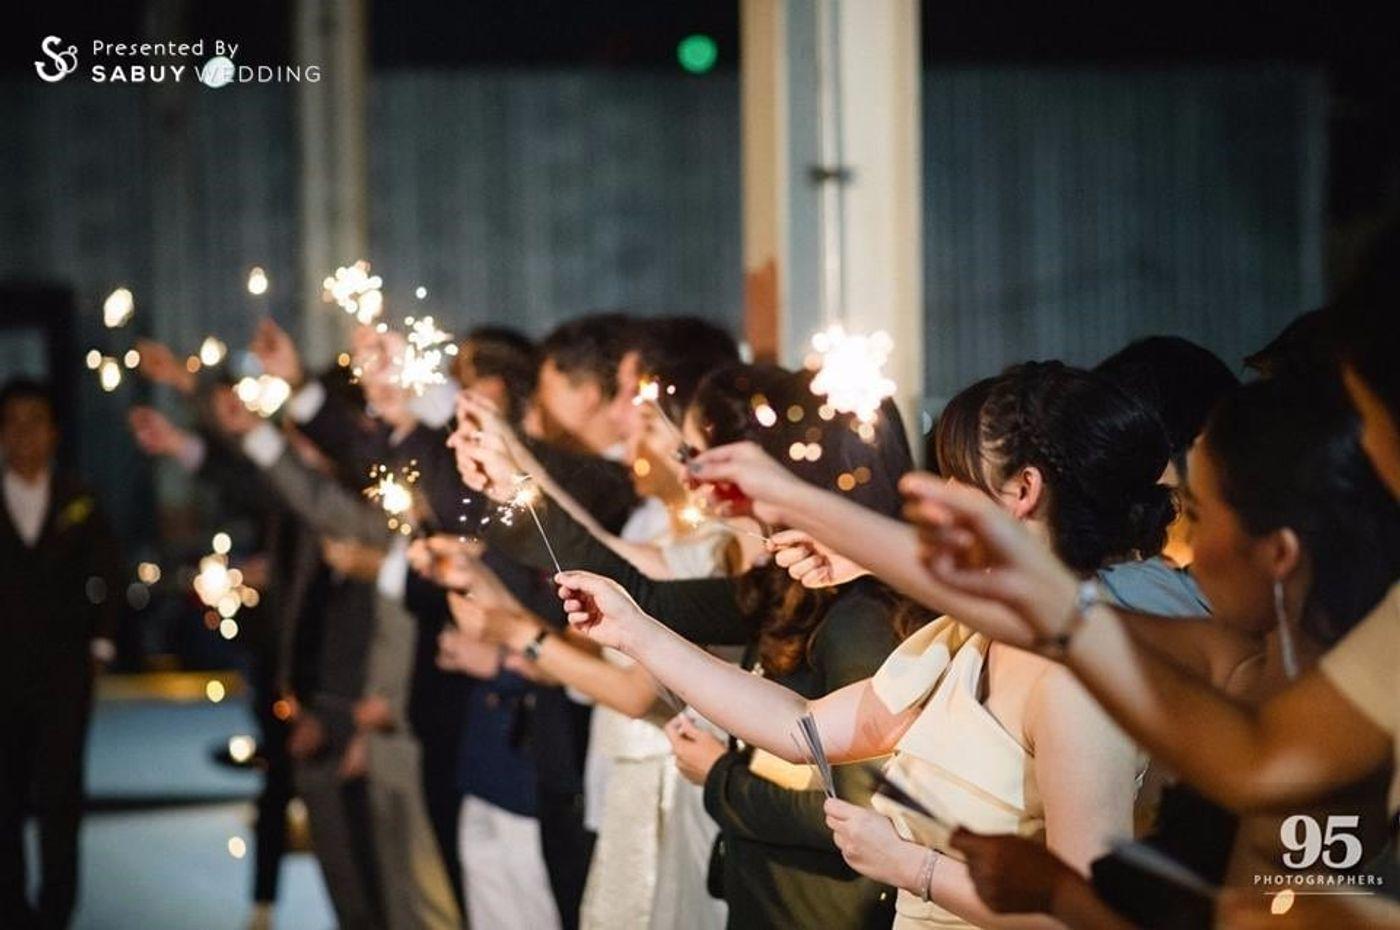 งานแต่งงาน รีวิวงานแต่ง กิมมิคสนุกทุก Sequence ปังจนเพื่อนยังต้องยกนิ้ว @Vivarium by Chef Ministry